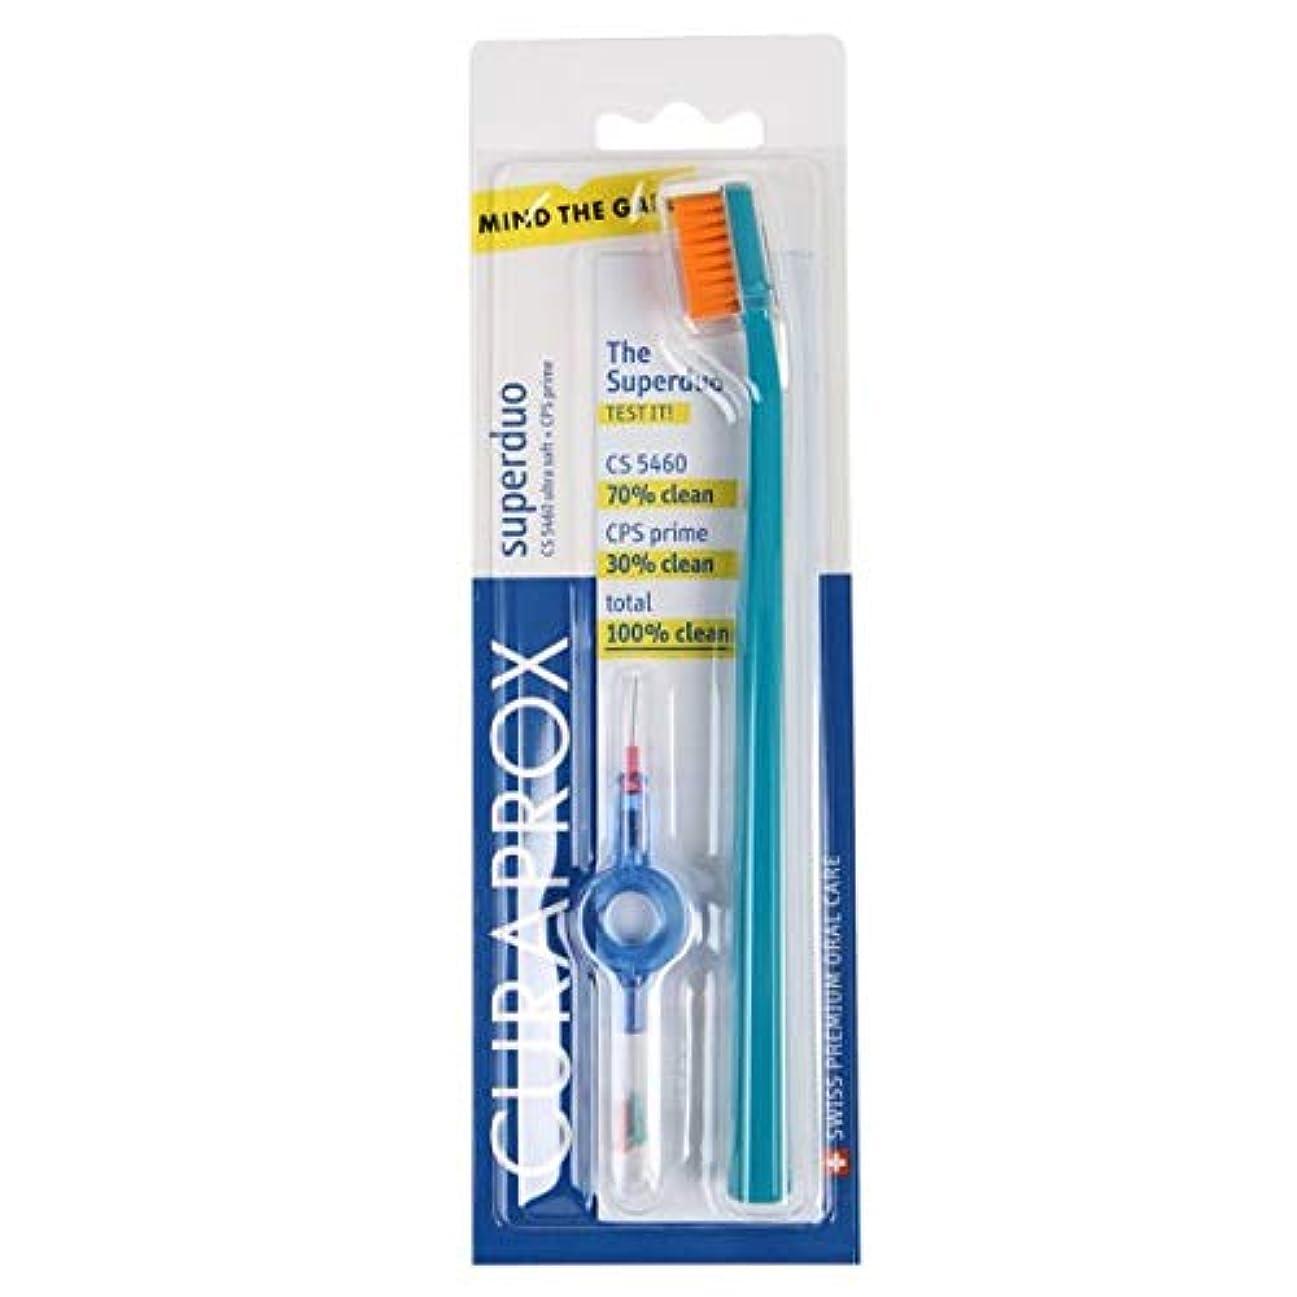 吸収するステッチクラプロックス 歯ブラシ+歯間ブラシ セット CS 5460 + CPS 06/07/08, UHS 409 holder + cap